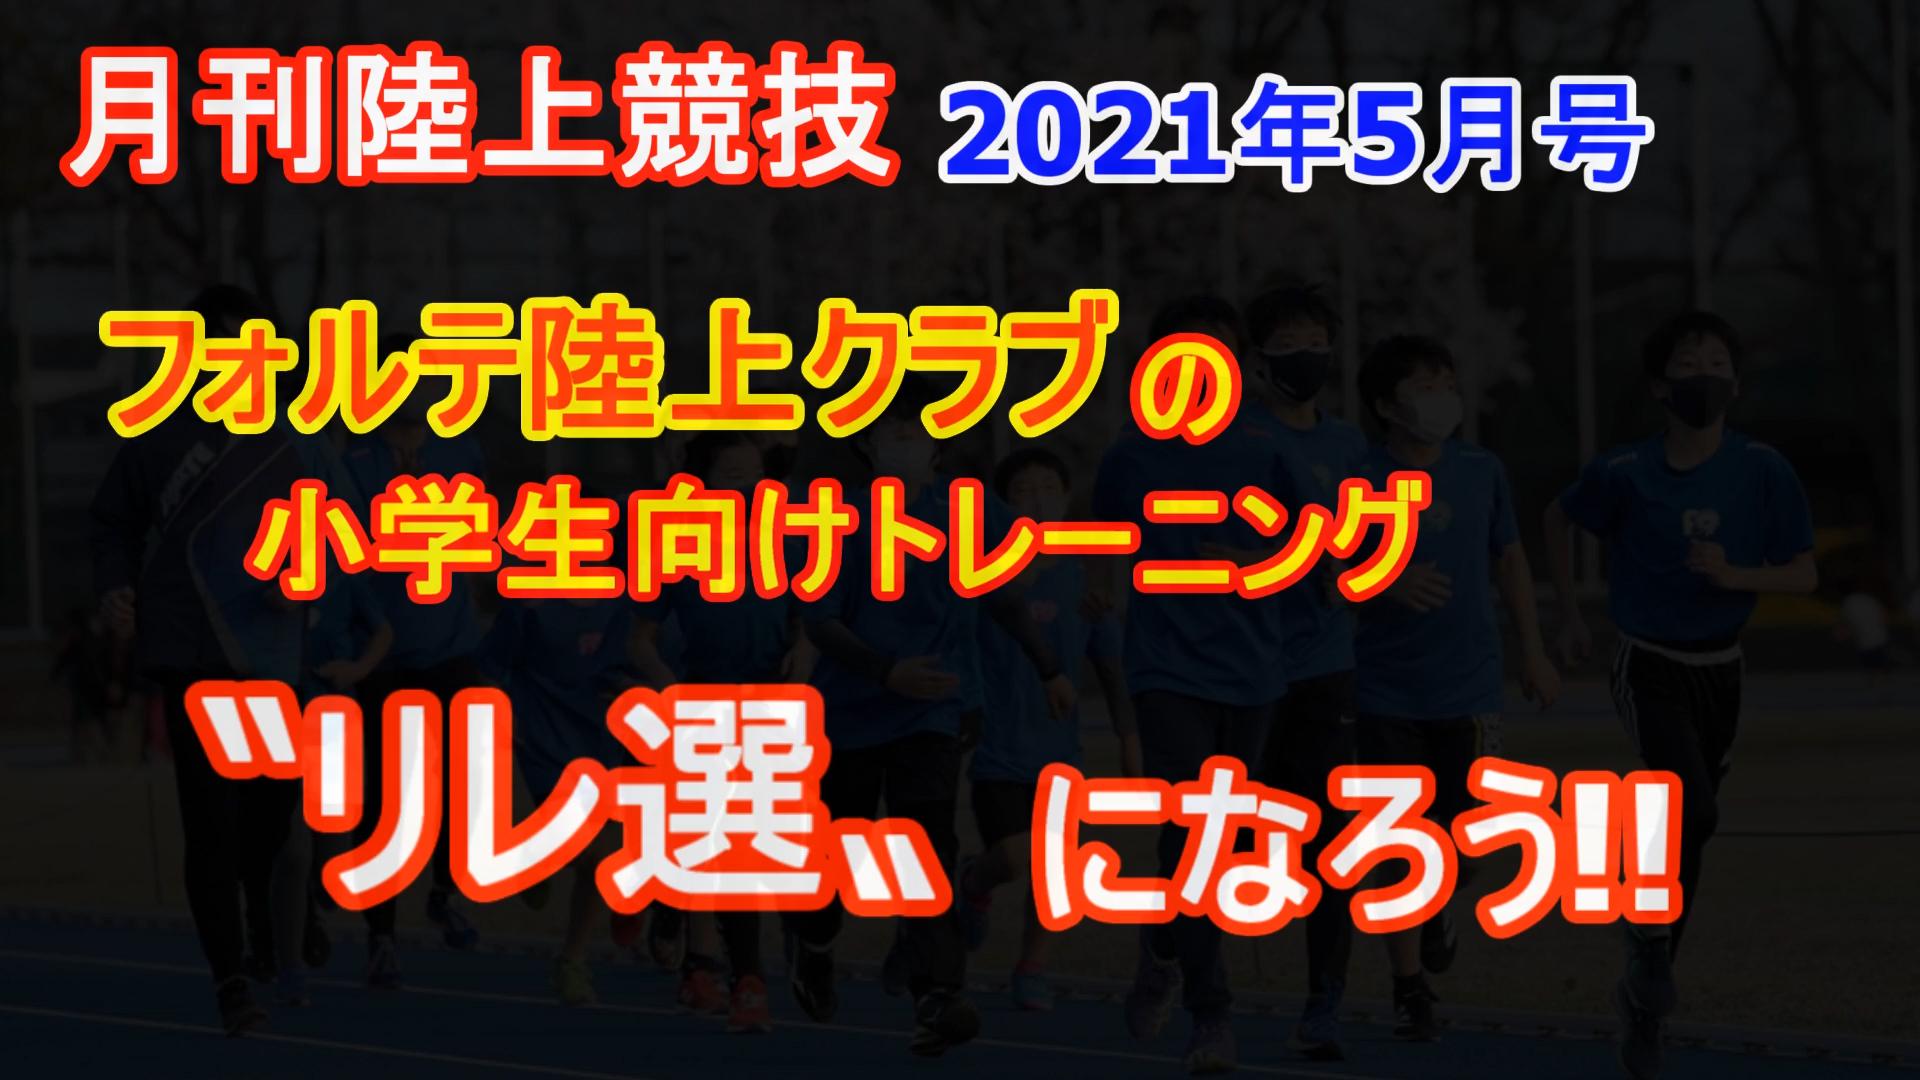 【トレーニング】フォルテ陸上クラブの小学生トレーニング(2021年5月号掲載)